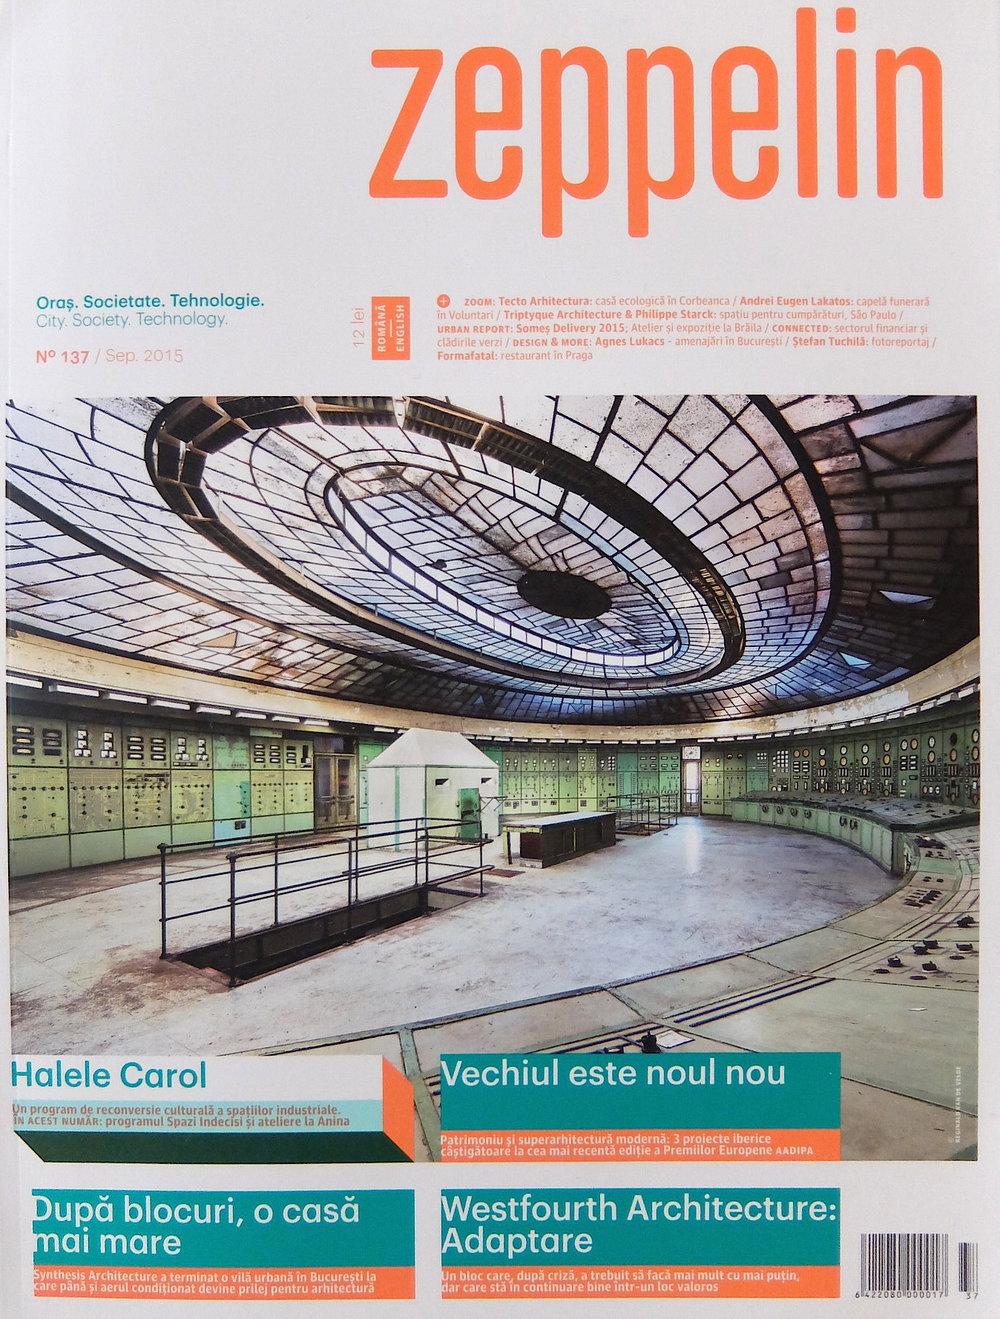 Zeppelin - gran fierro